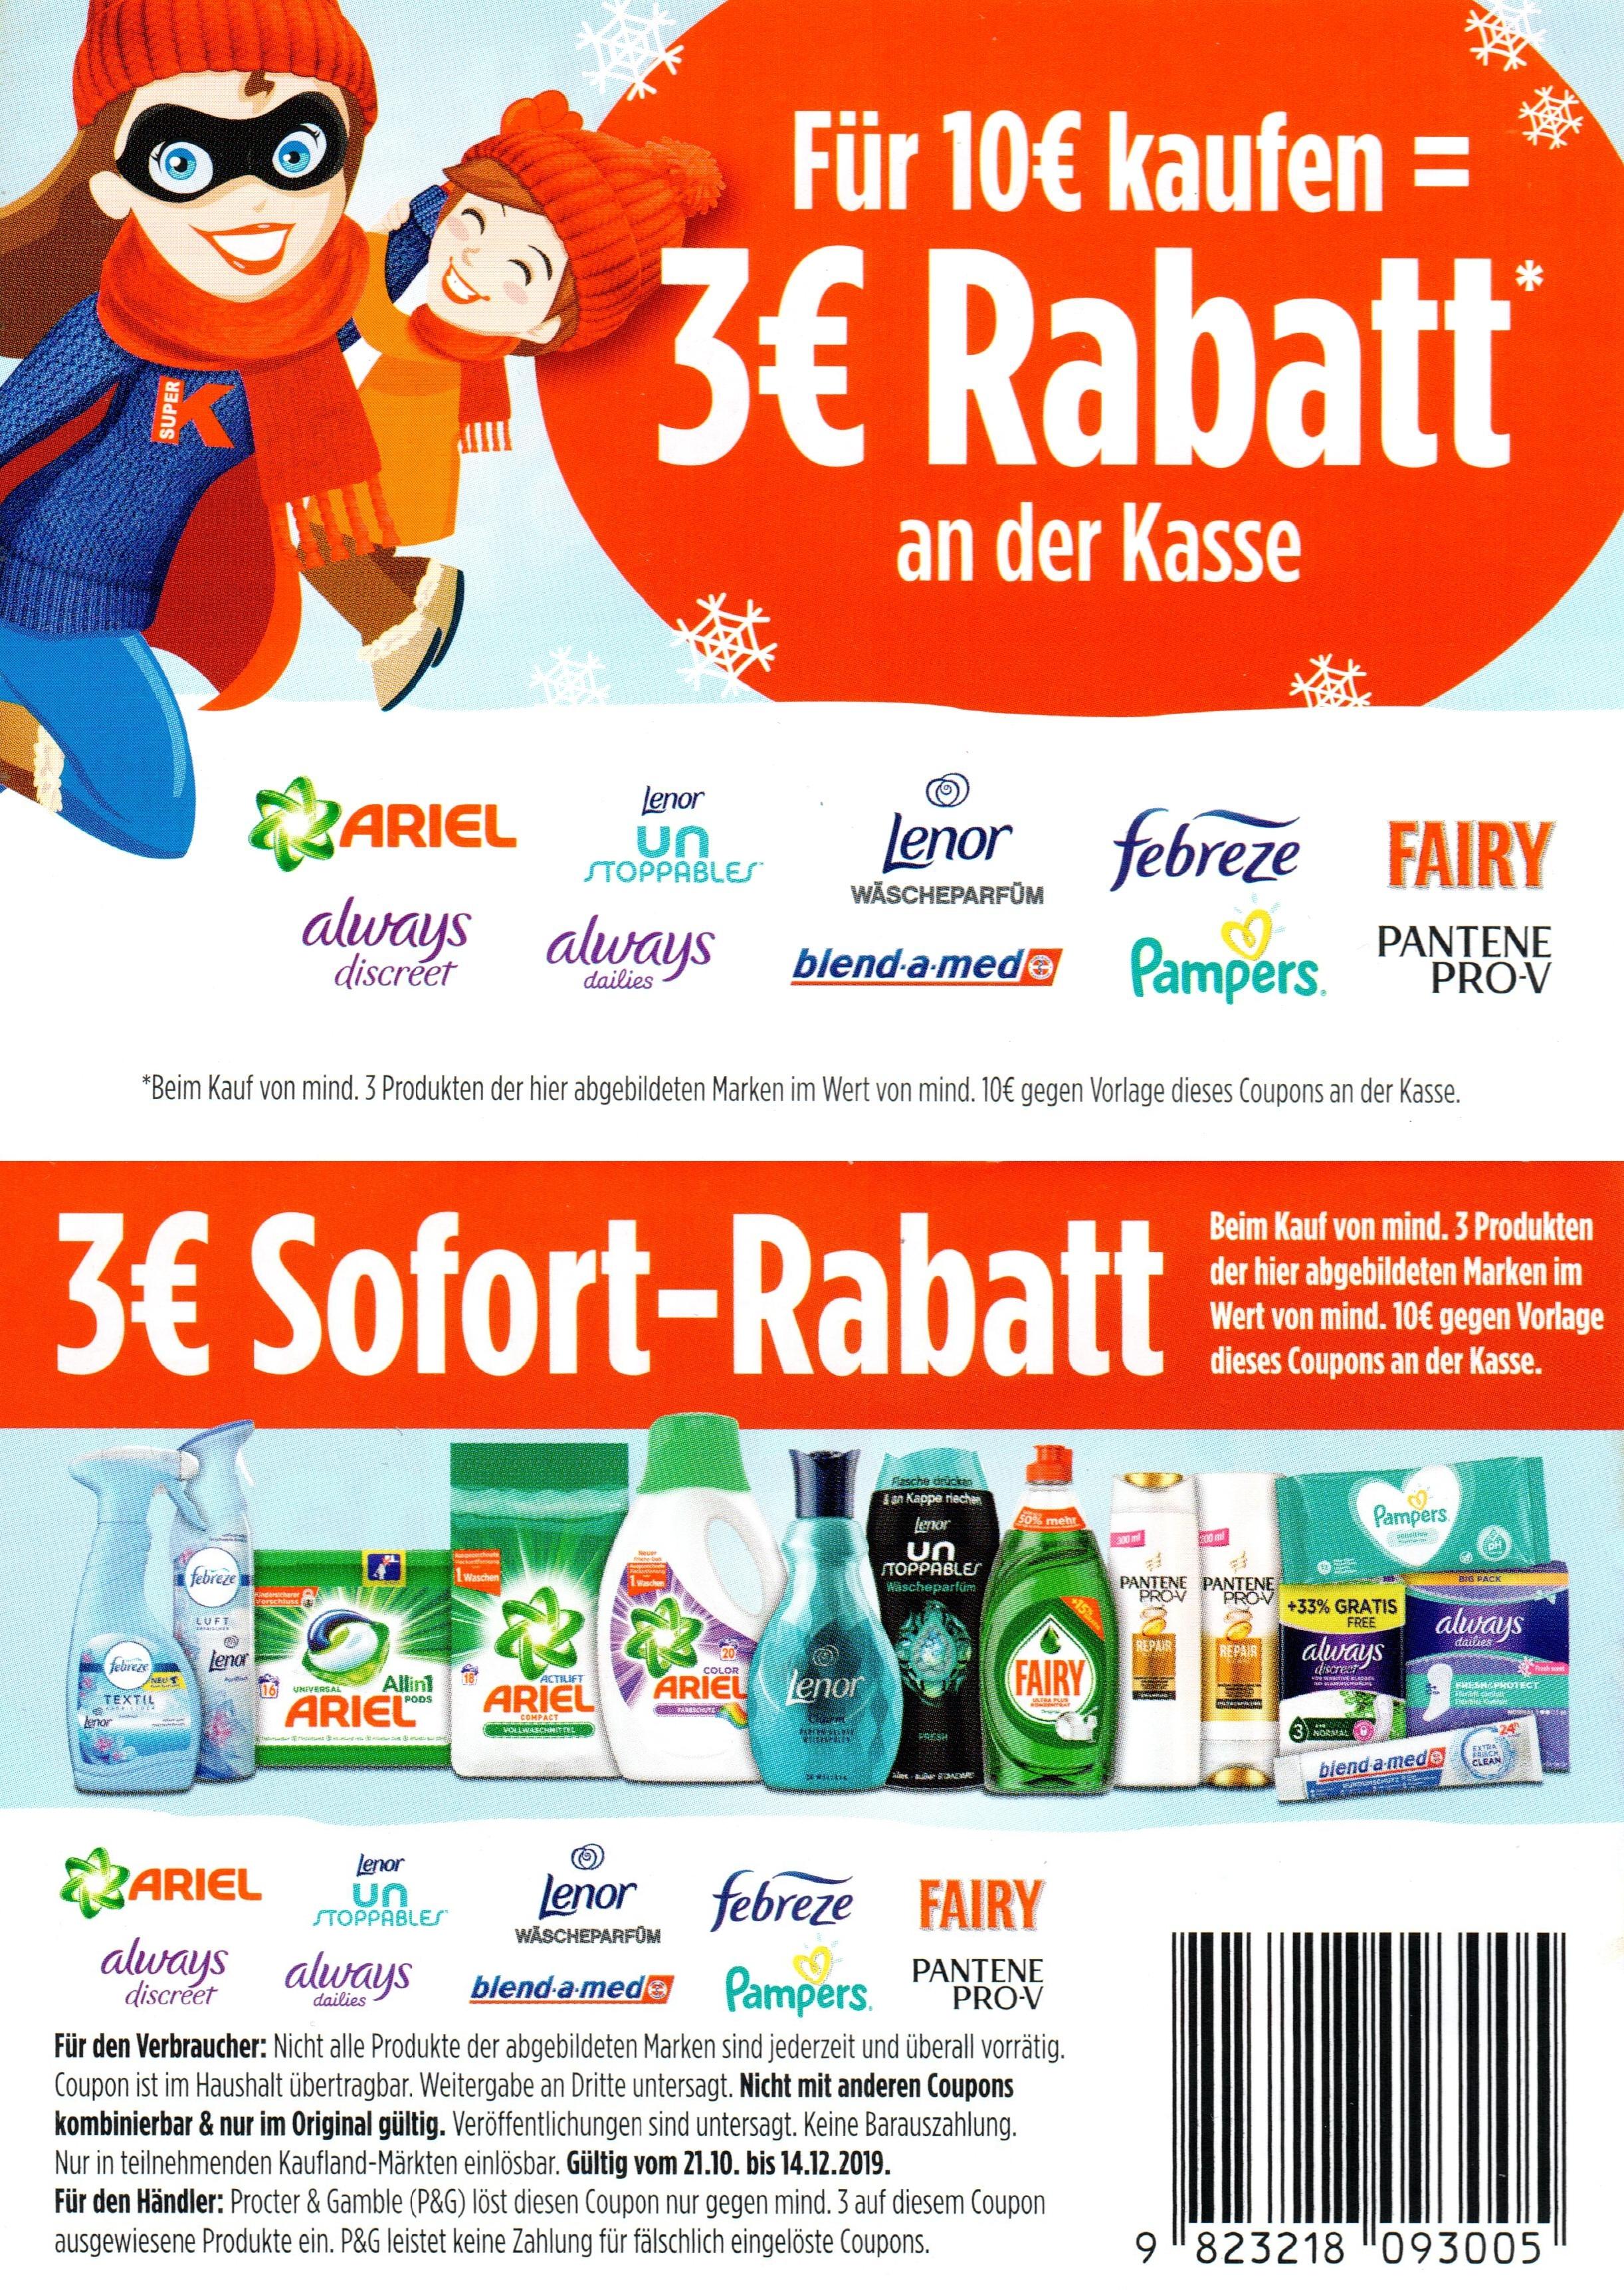 3€ ab 10€ Rabatt Coupon für P&G Marken bis 14.12.2019 bei Kaufland auch Pampers, blend-a-med, Ariel